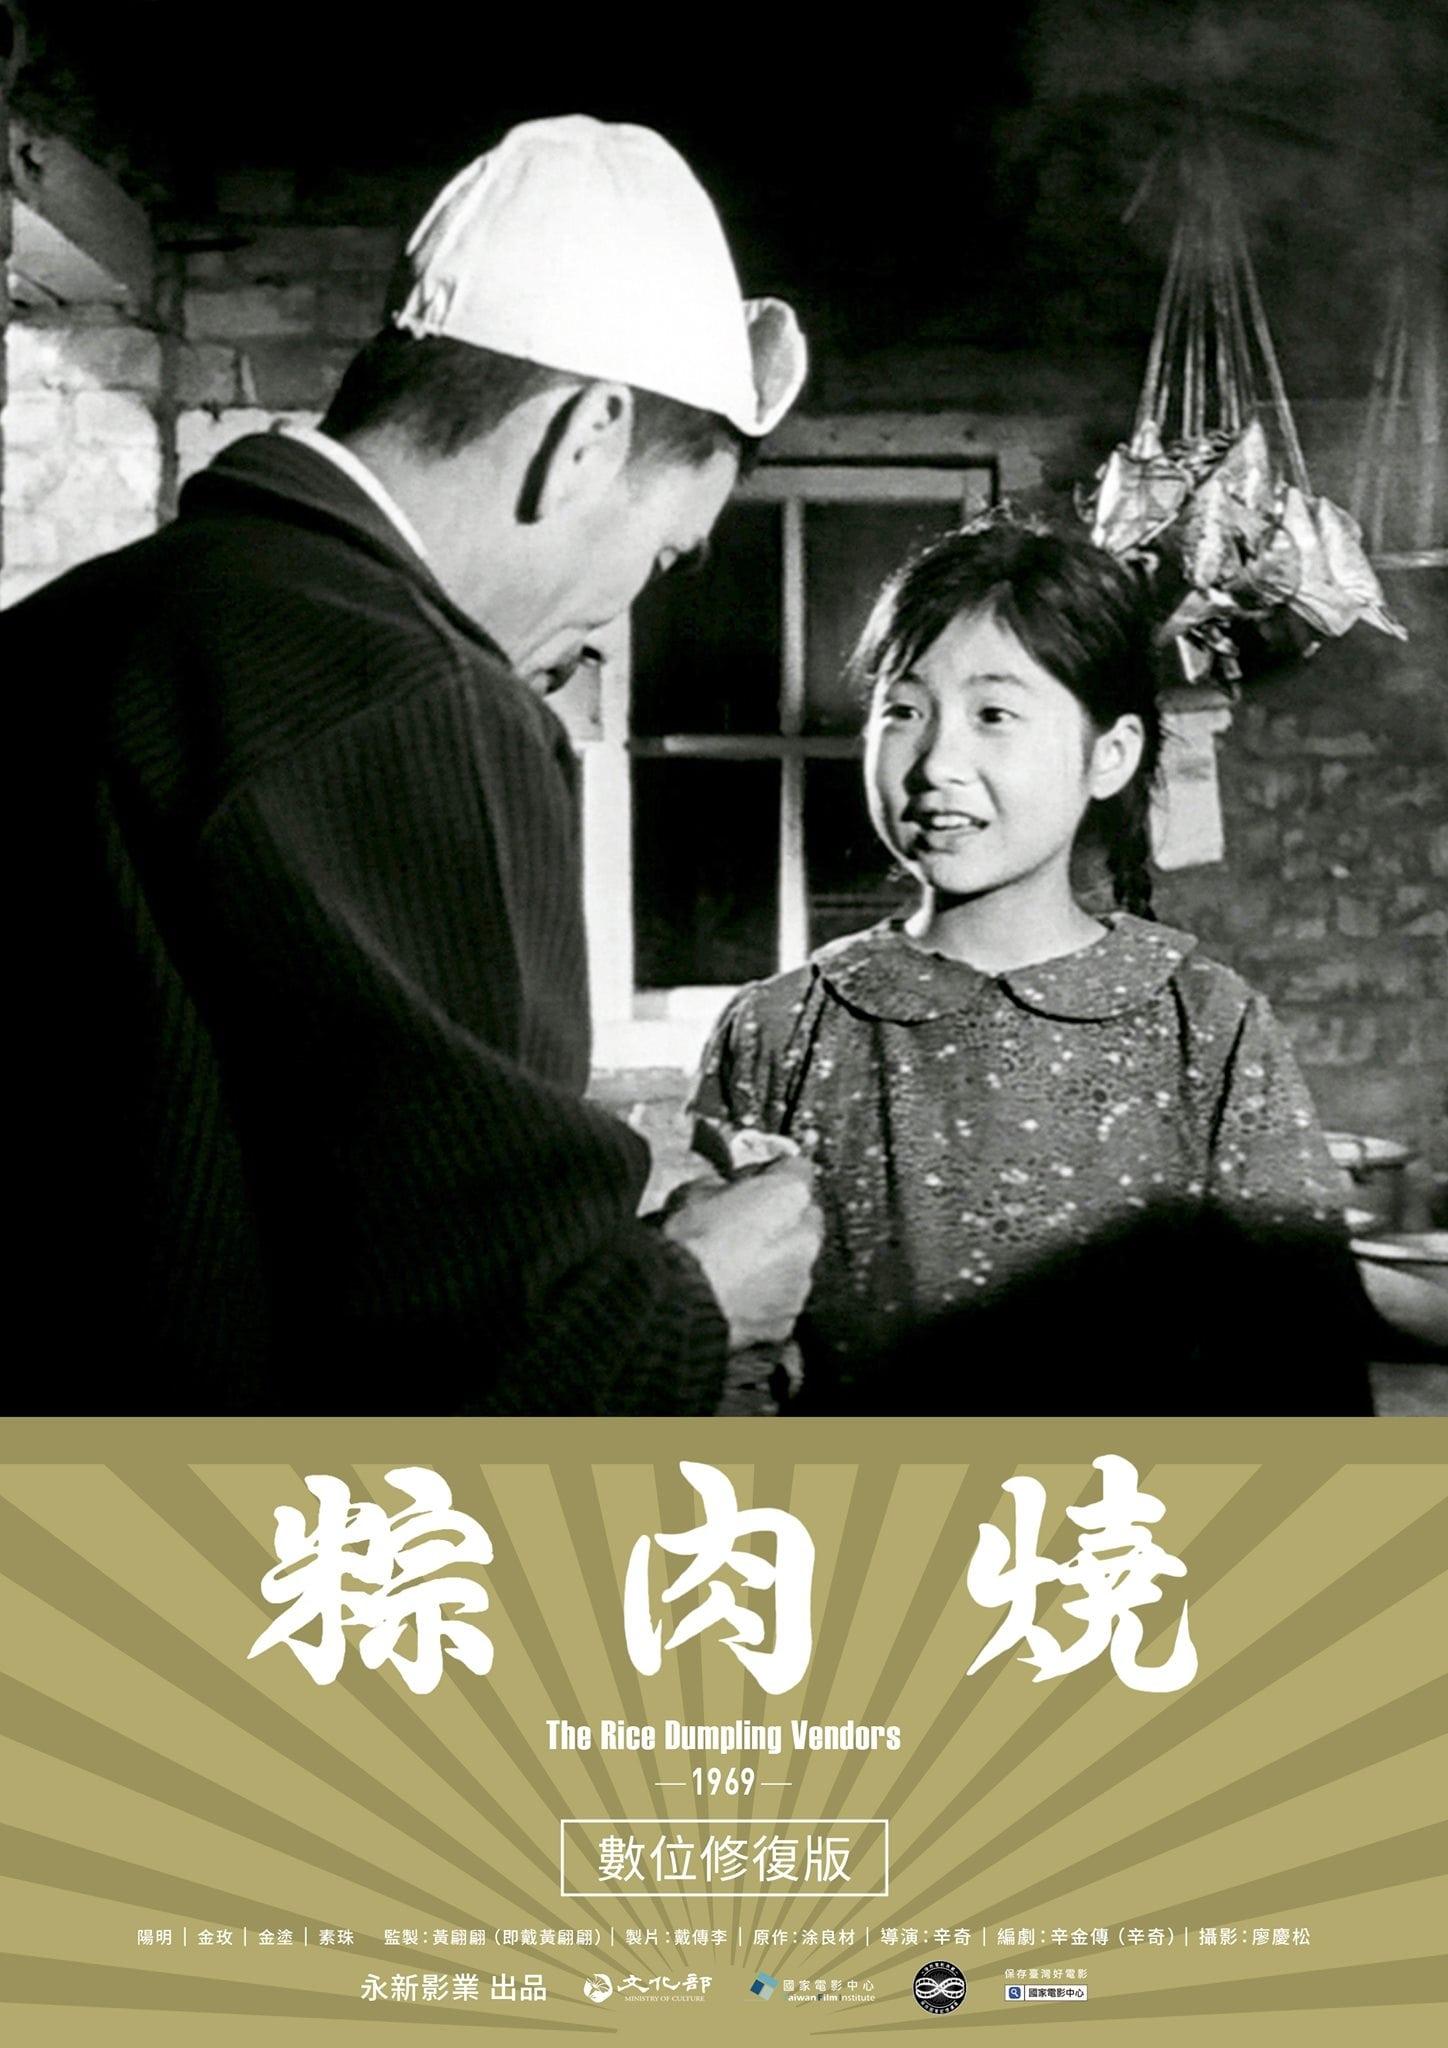 The Rice Dumpling Vendors